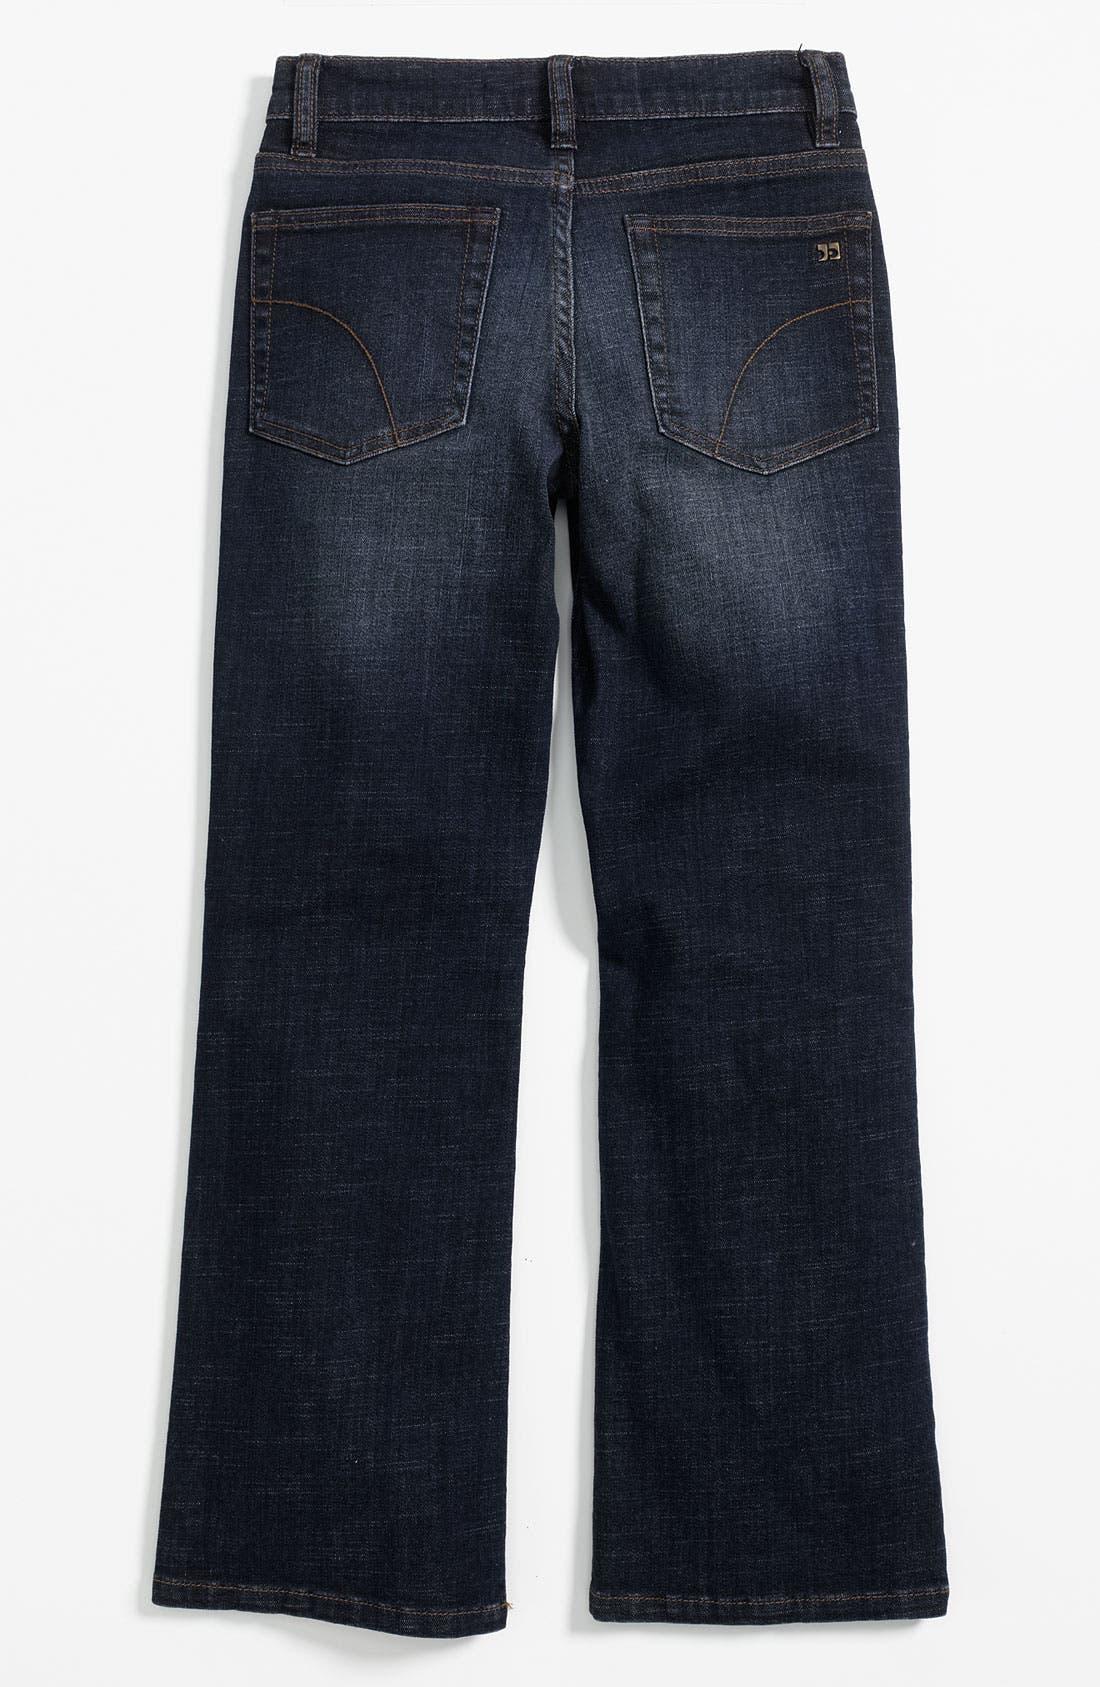 Main Image - Joe's 'Rebel' Jeans (Big Boys)